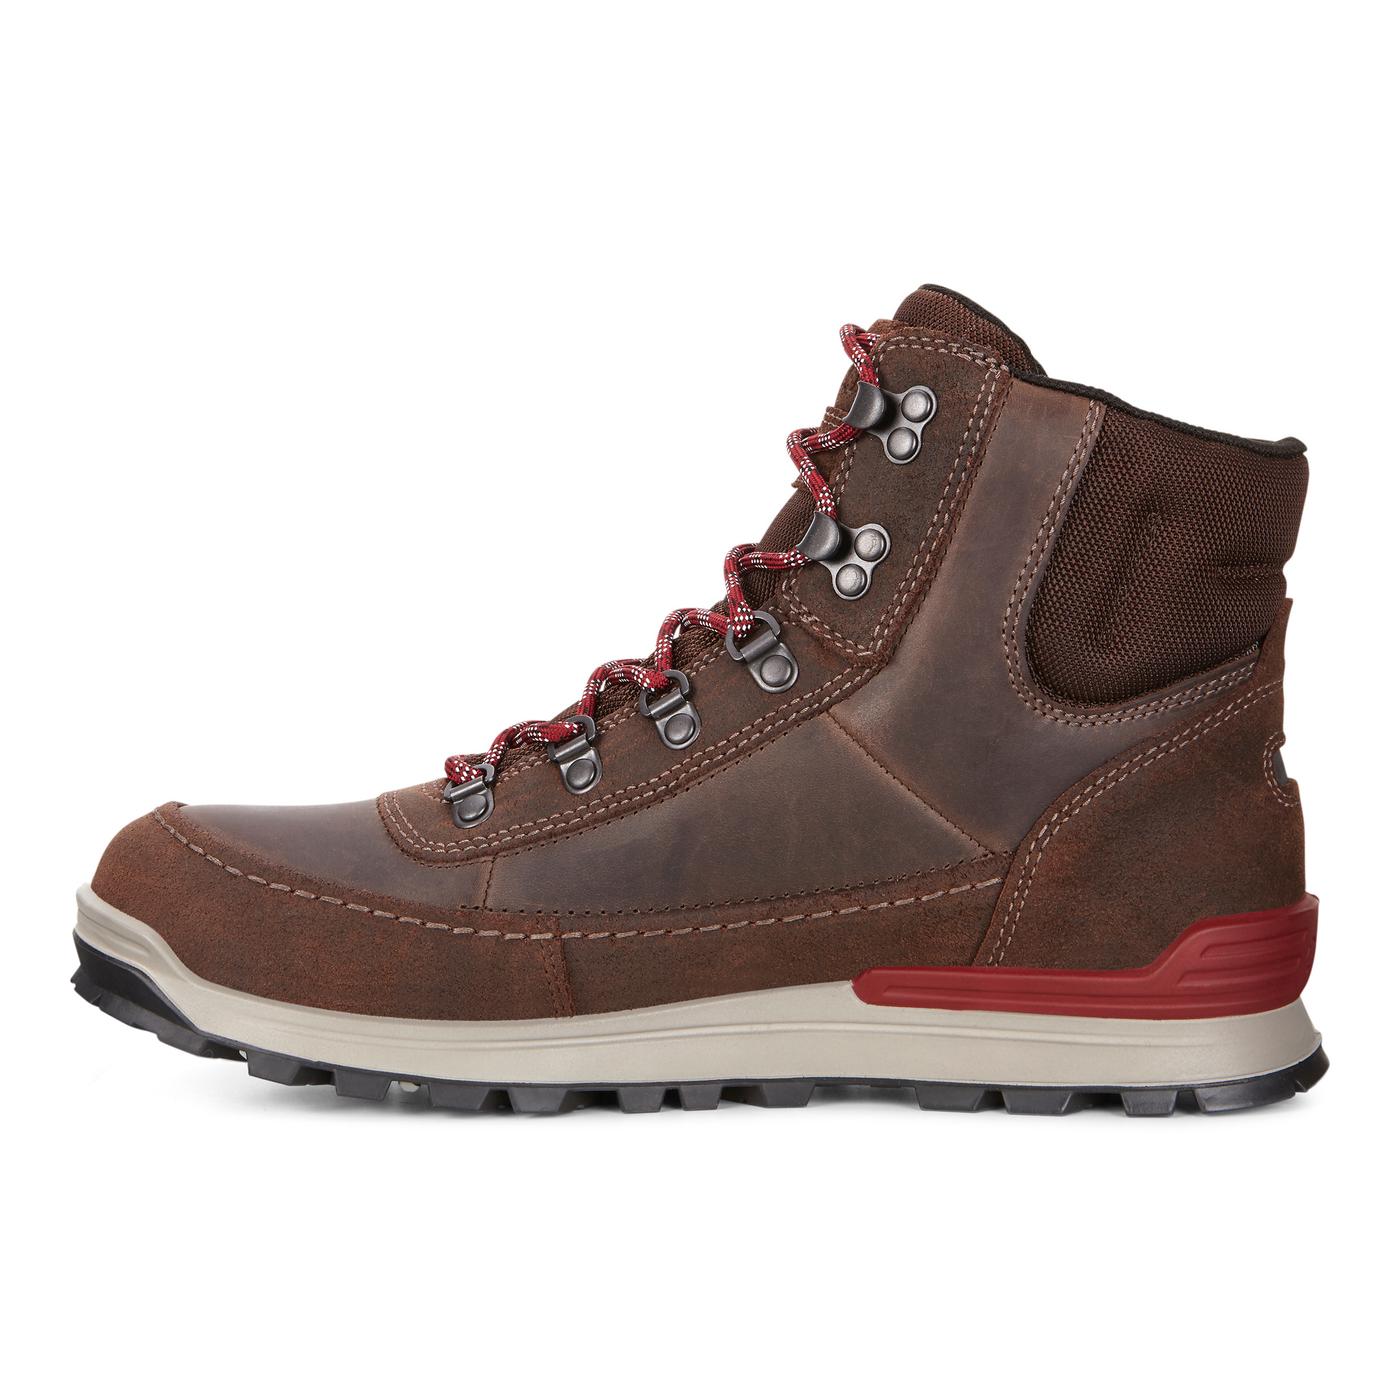 449324b2 ECCO Men's Oregon GTX High Top Outdoor Boot | ECCO® Shoes